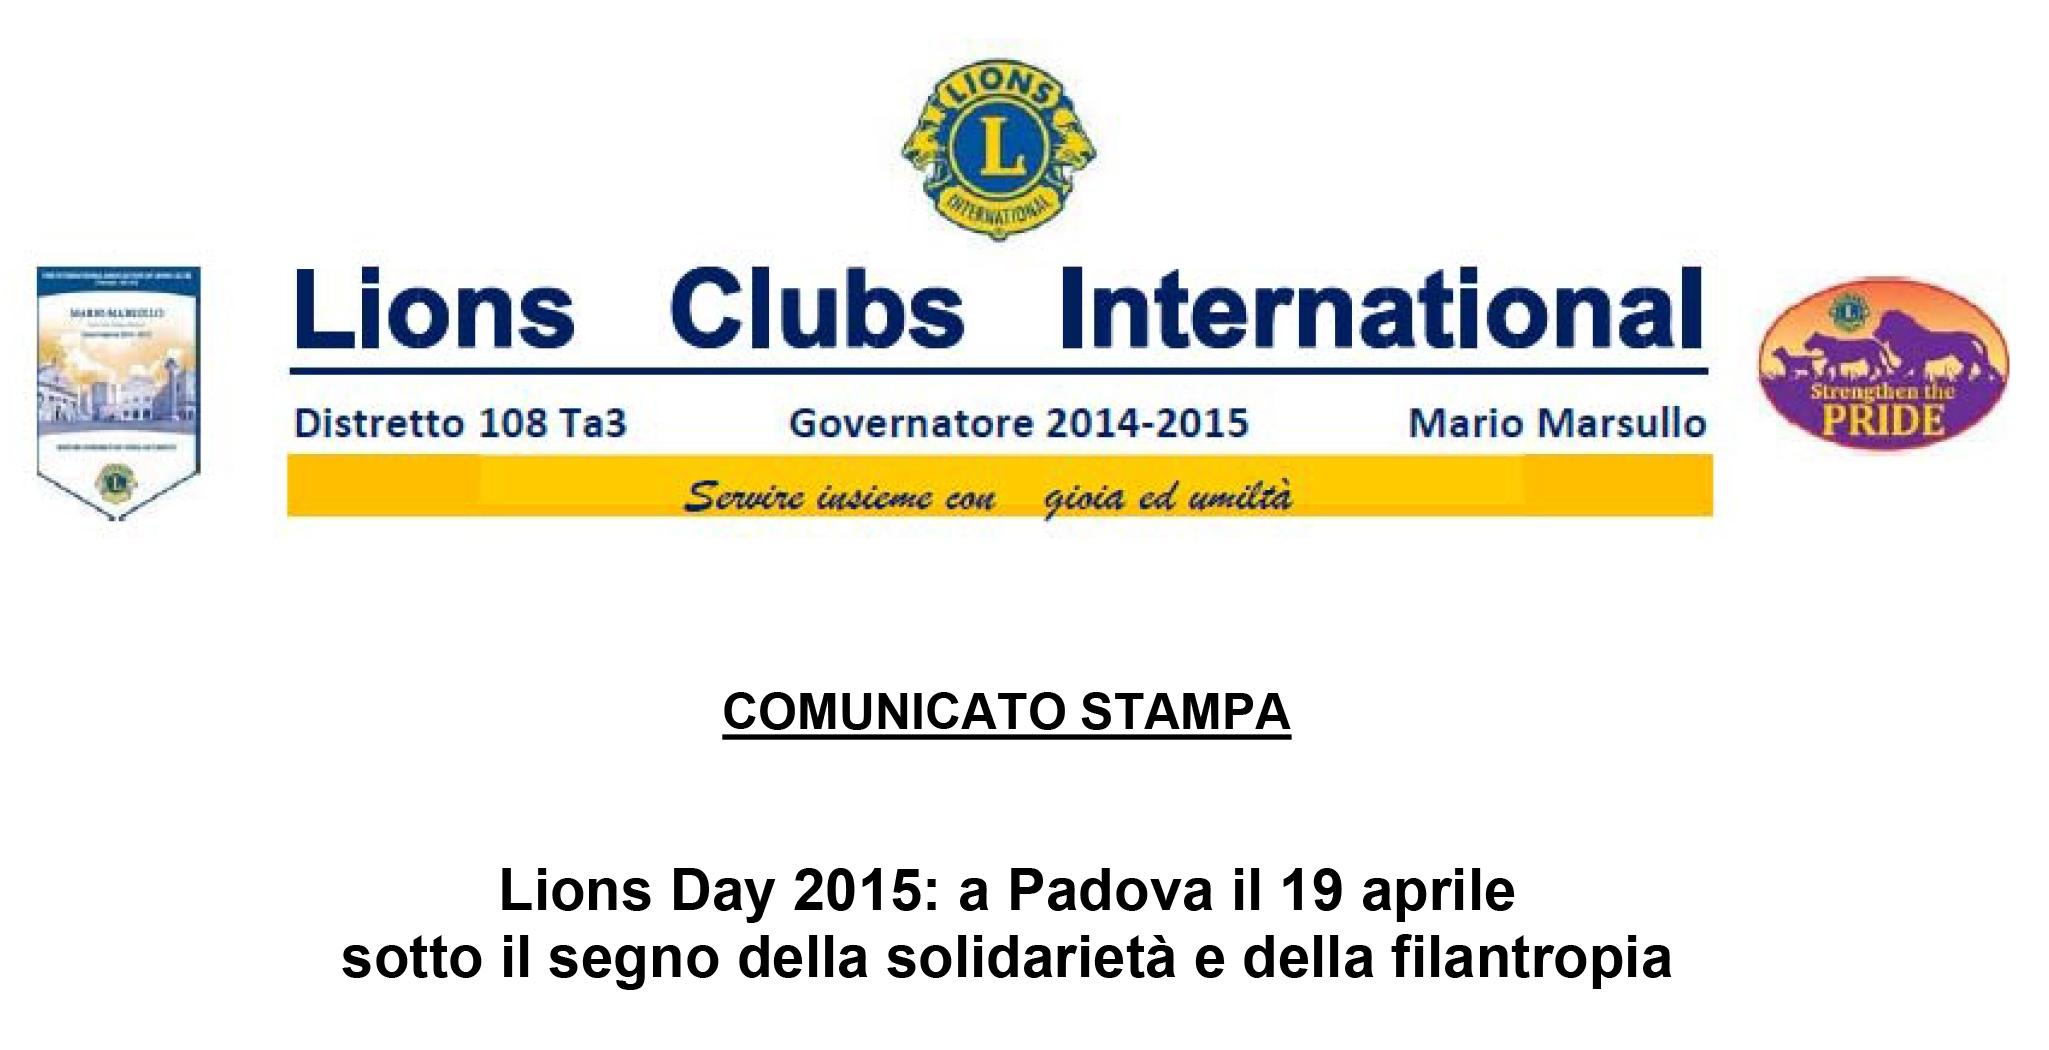 DISTRETTO 108 Ta3: LIONS DAY